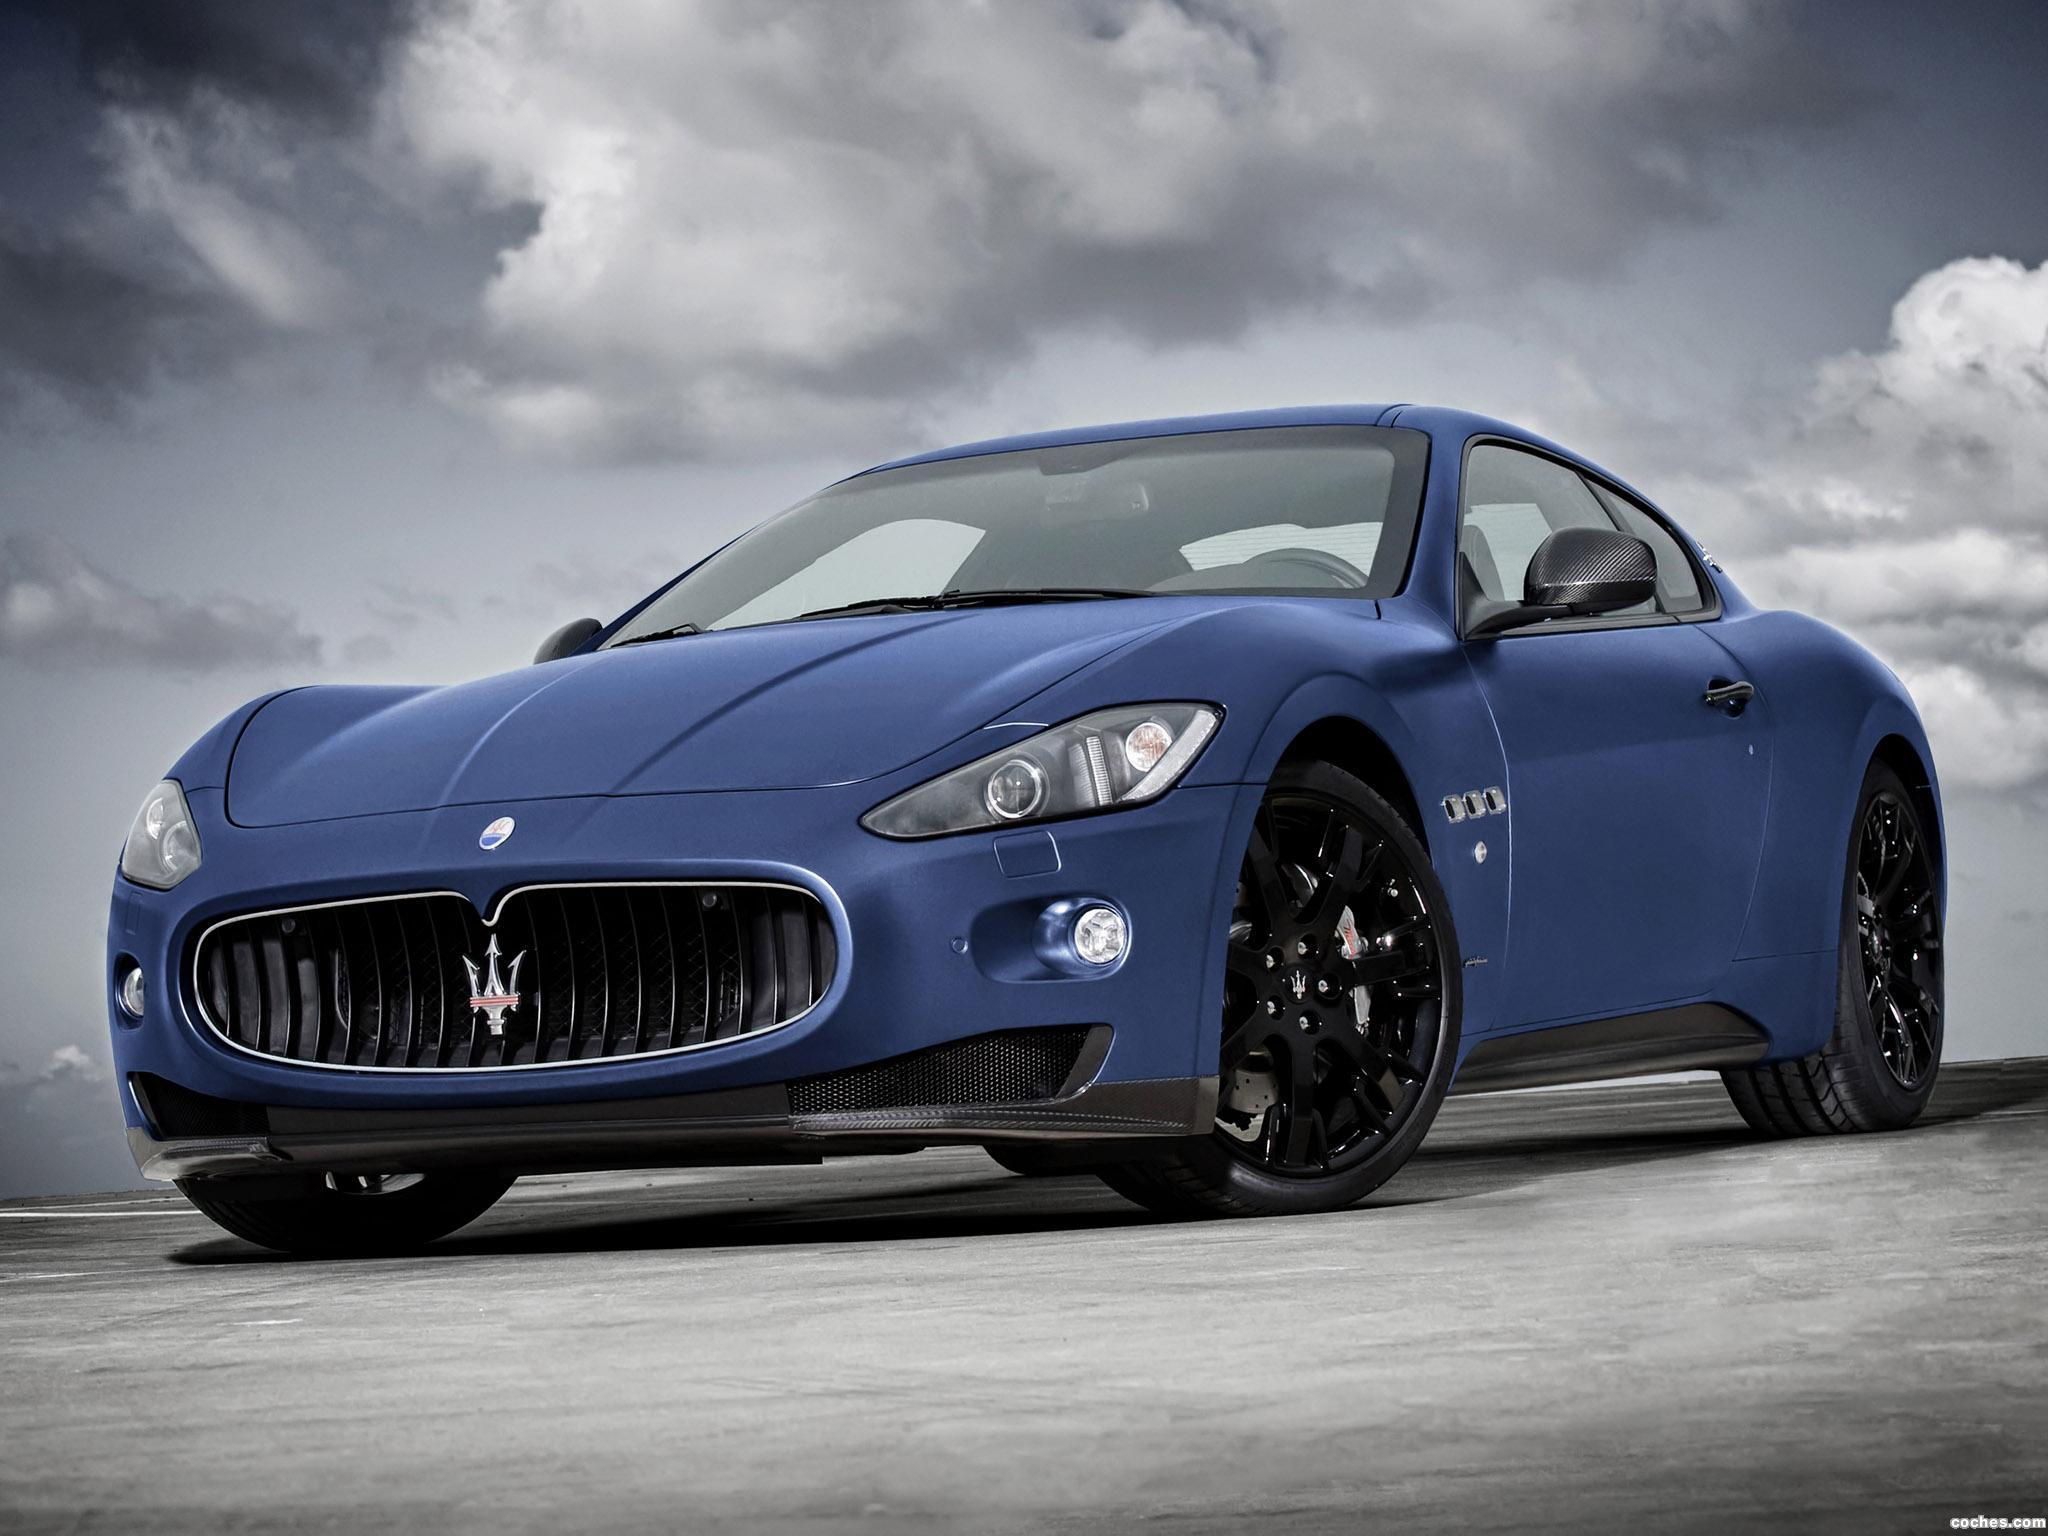 Foto 0 de Maserati GranTurismo S Limited Edition 2011